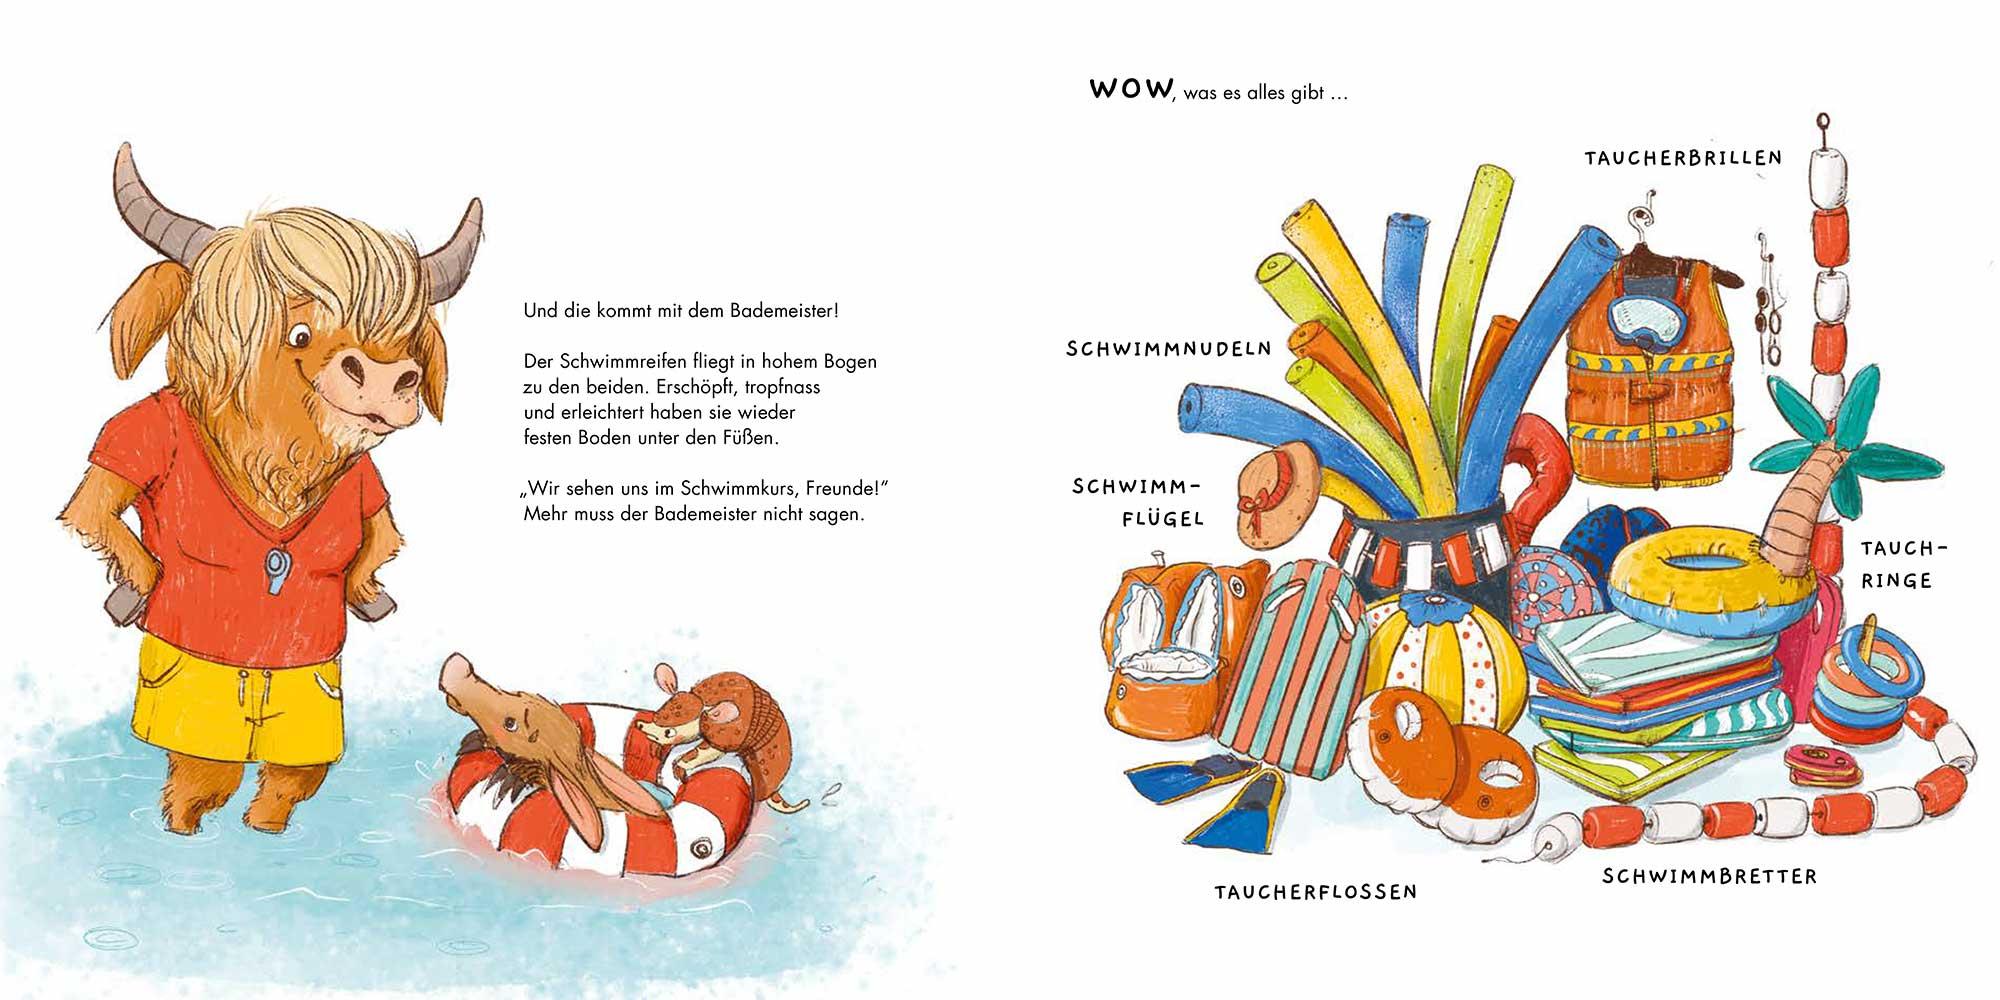 memphis-und-emil-schimmspielzeug